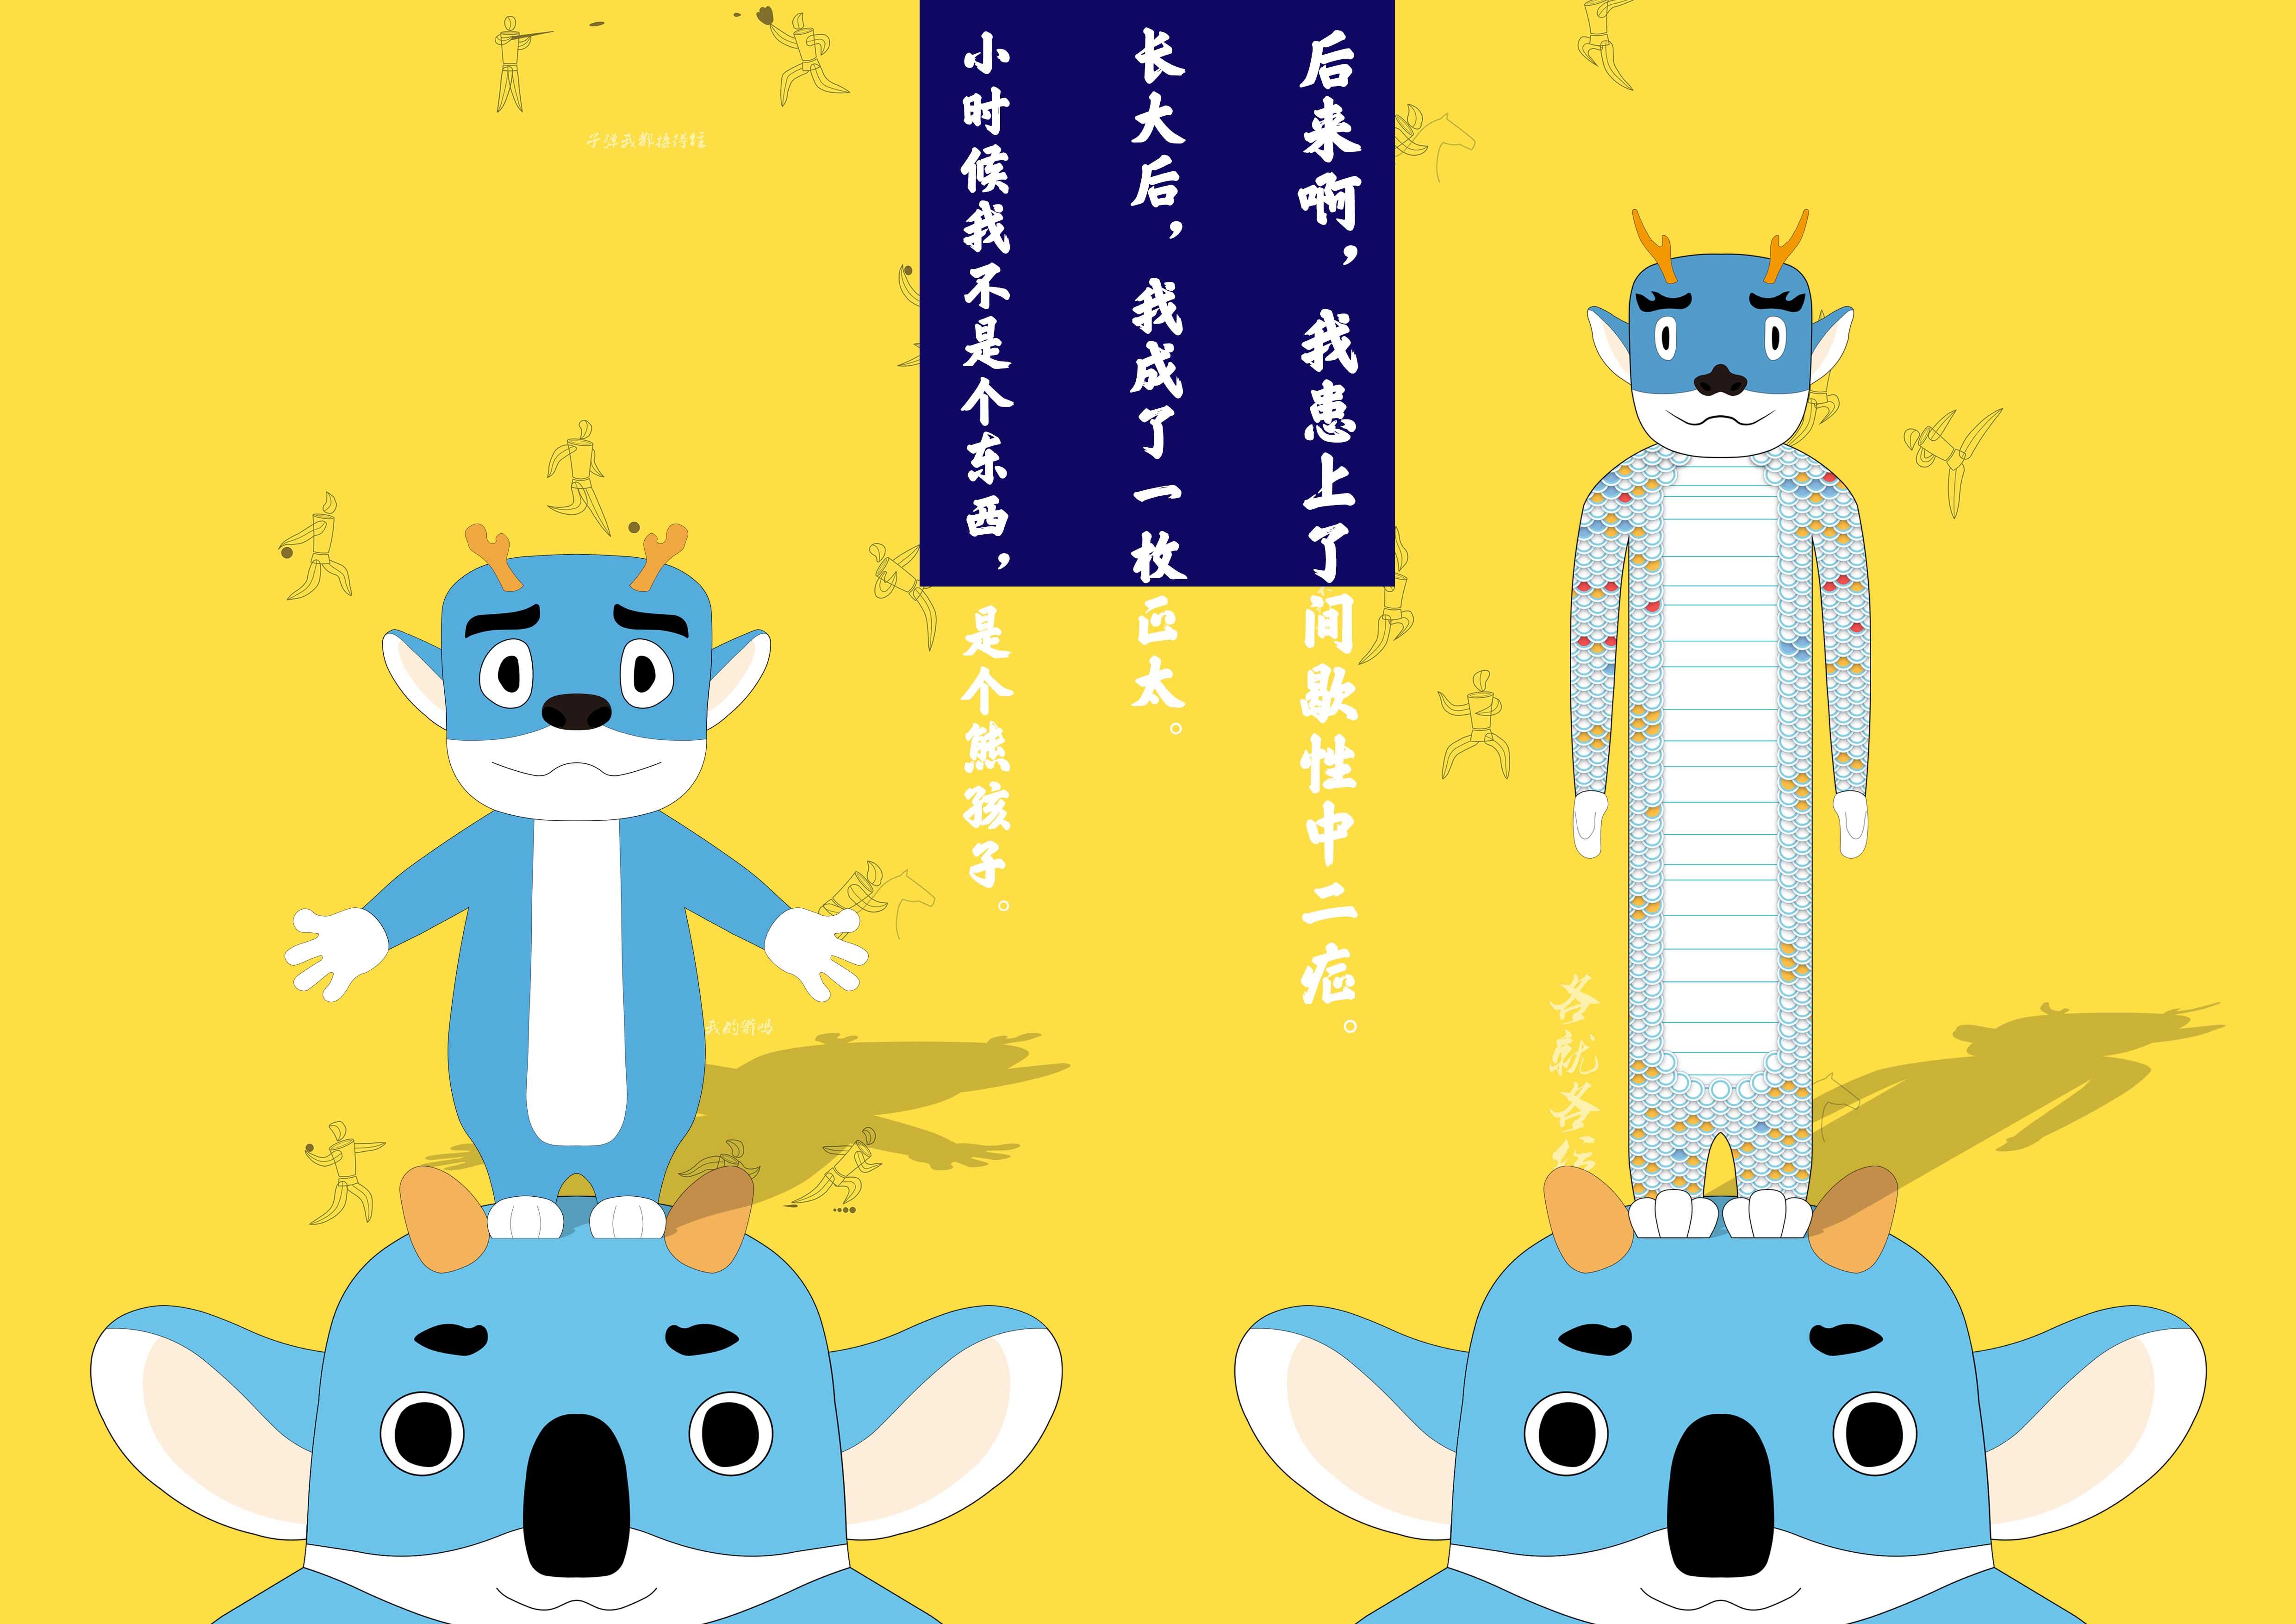 2022北京冬奥会吉祥物设计a图片